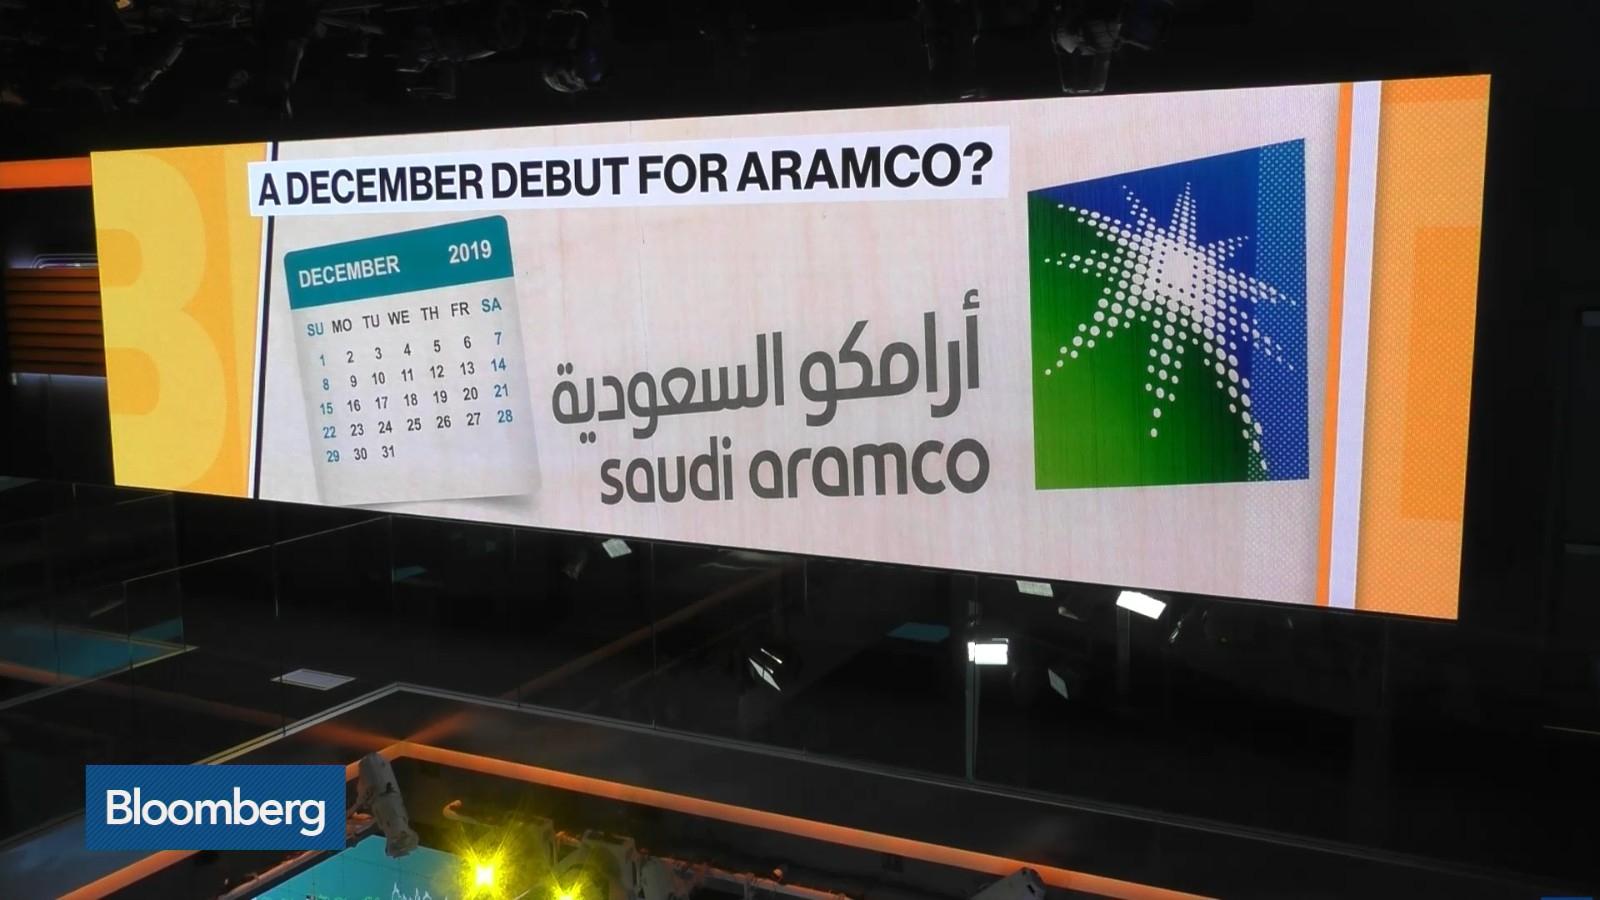 Aramco Calendar 2020 Pdf regarding Calendar 2021 Aramco